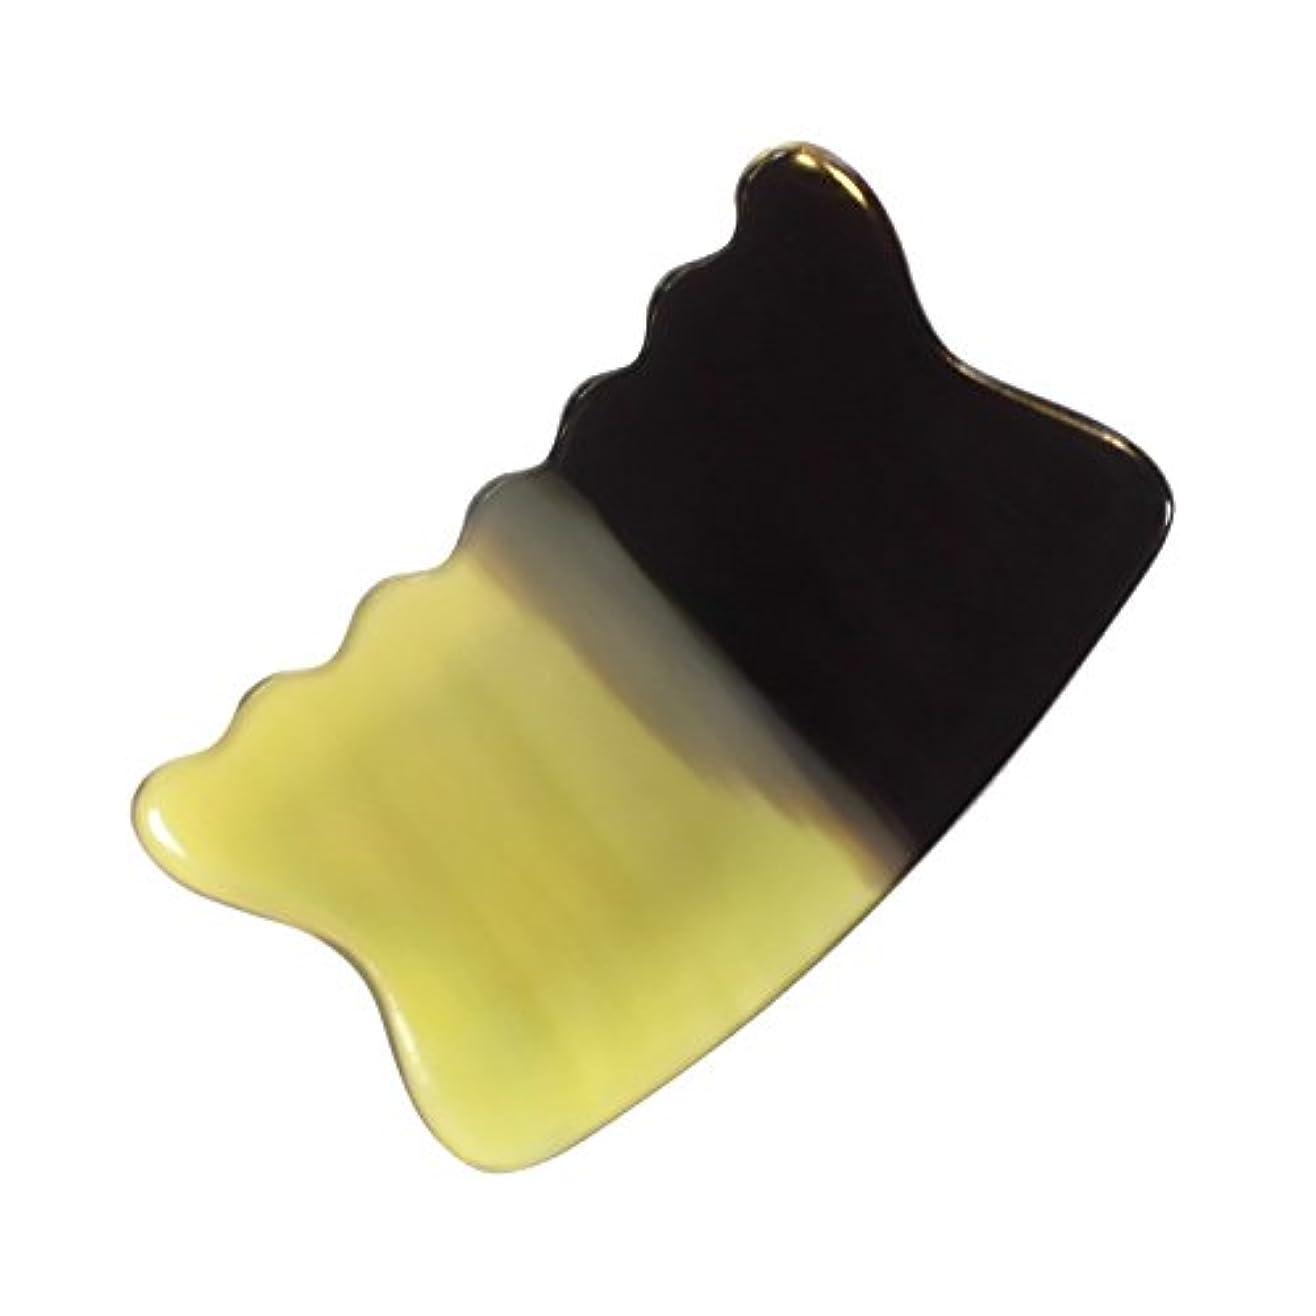 凍結トンネル罪人かっさ プレート 希少60 黄水牛角 極美品 曲波型